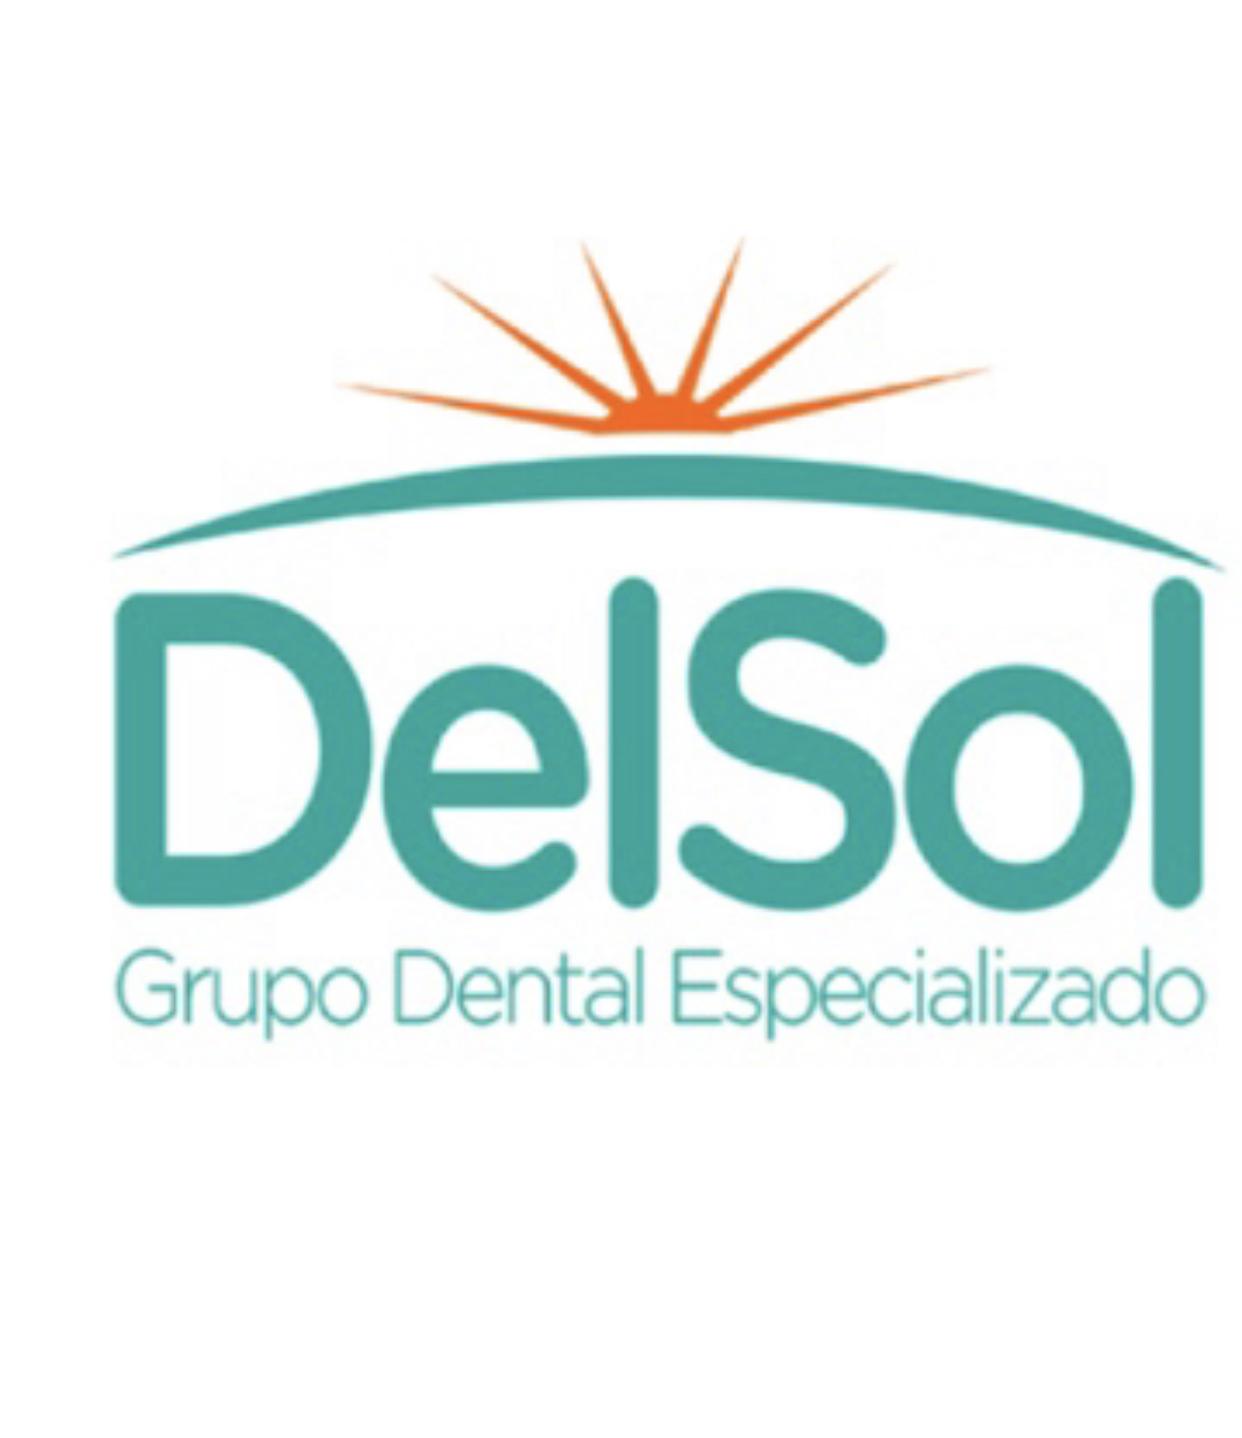 Del Sol Grupo Dental Especializado